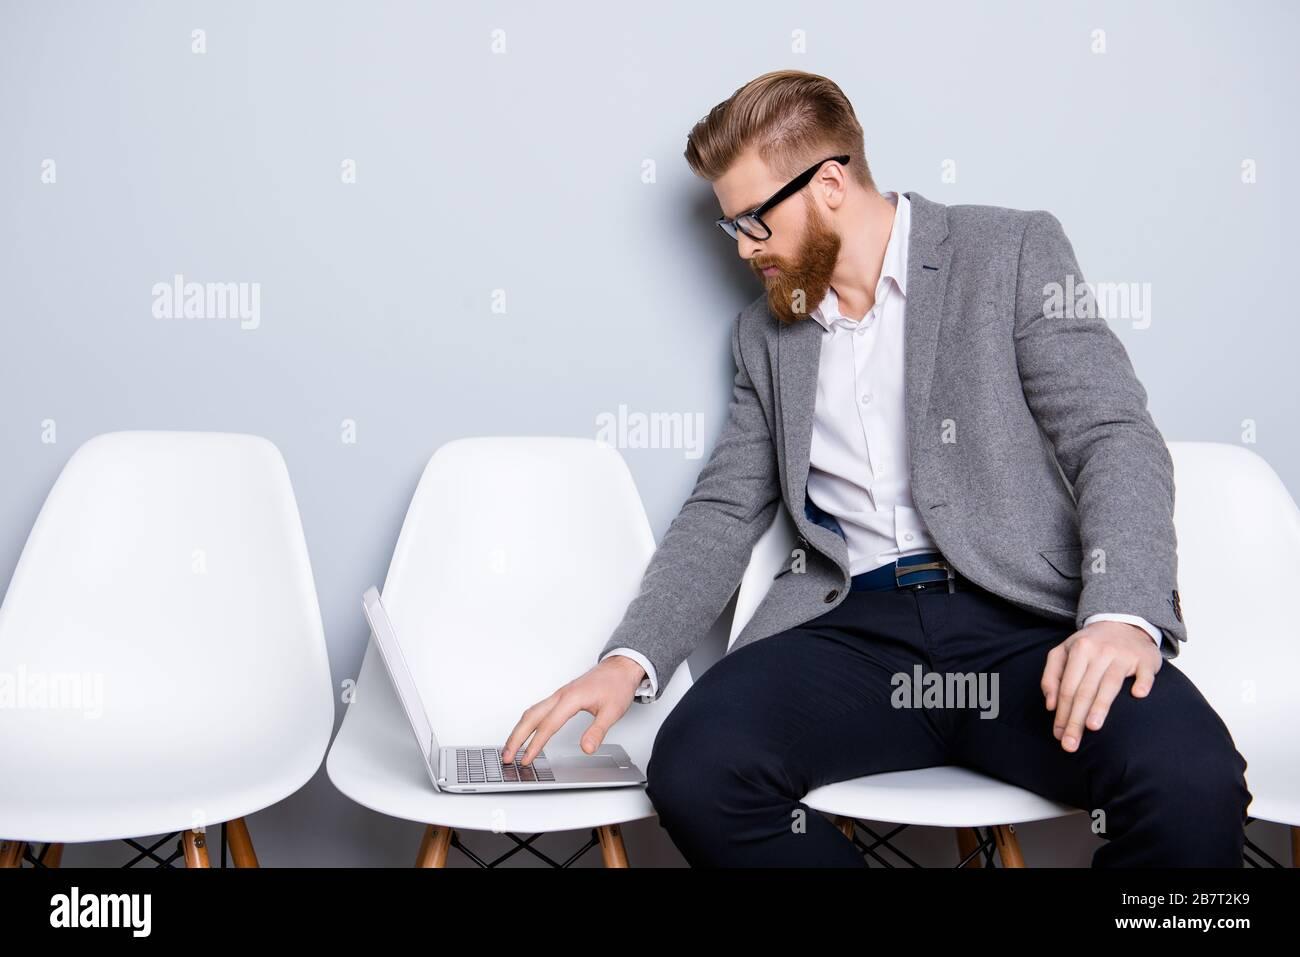 Der seriöse und selbstbewusste Banker des Business man, der auf seinem Laptop tippt, während er in der Halle auf dem Stuhl wartet Stockfoto